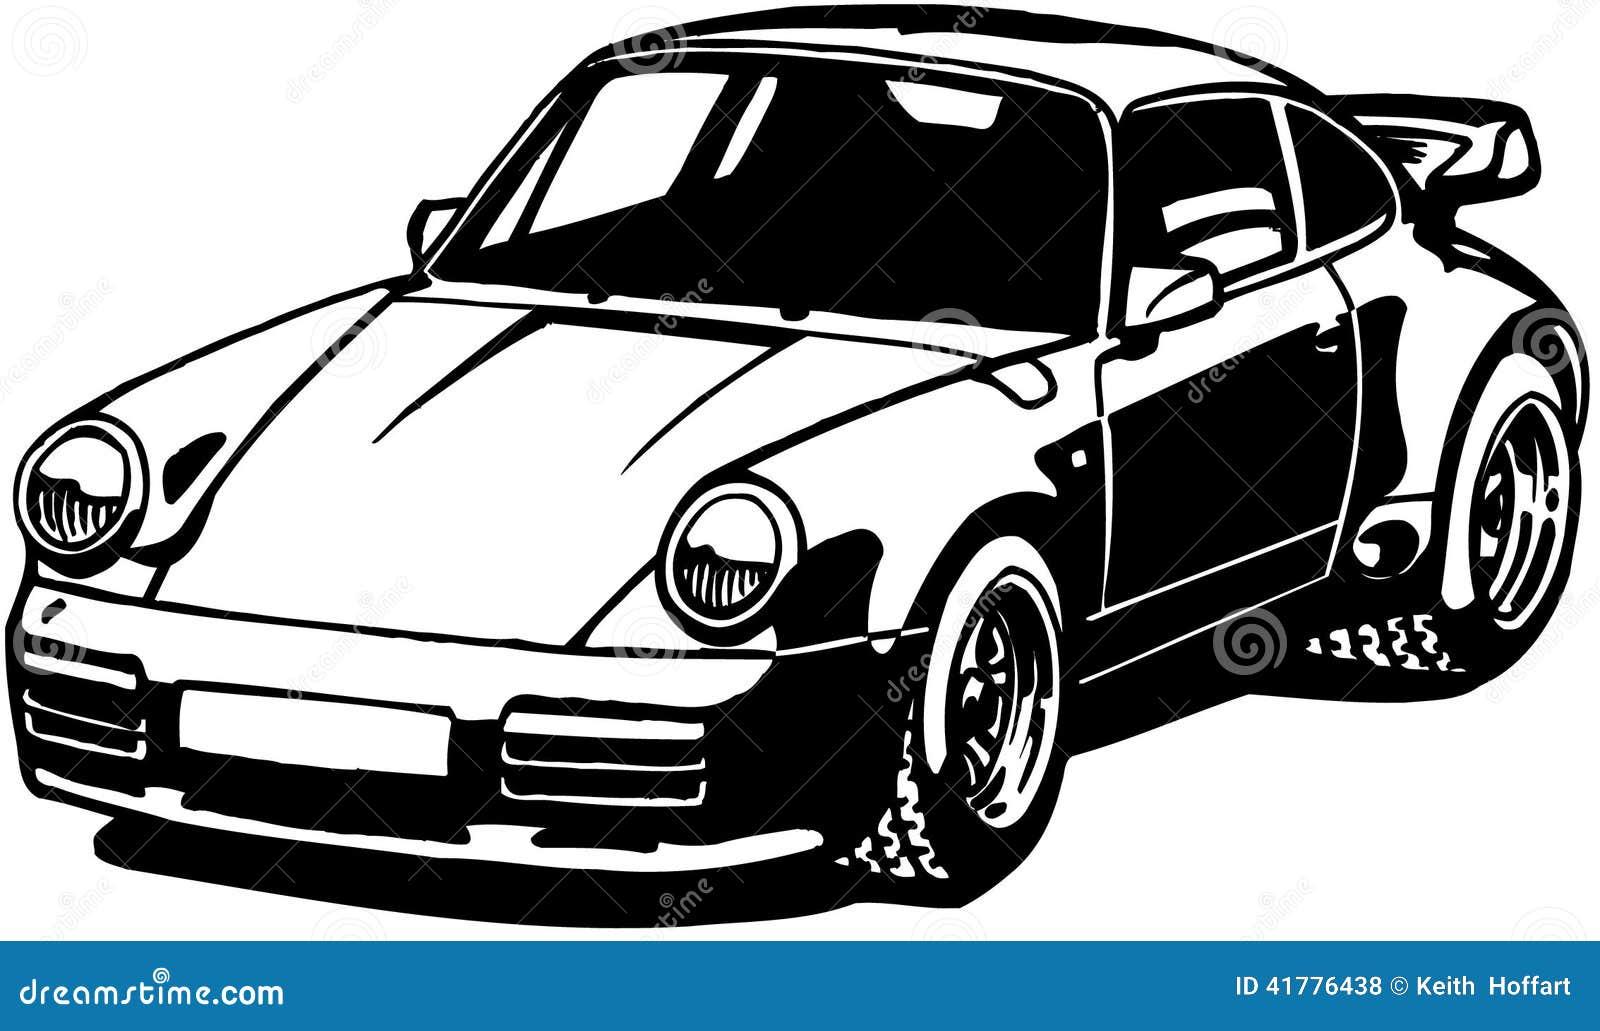 Porshe Car Cartoon Vector Clipart Stock Vector - Image